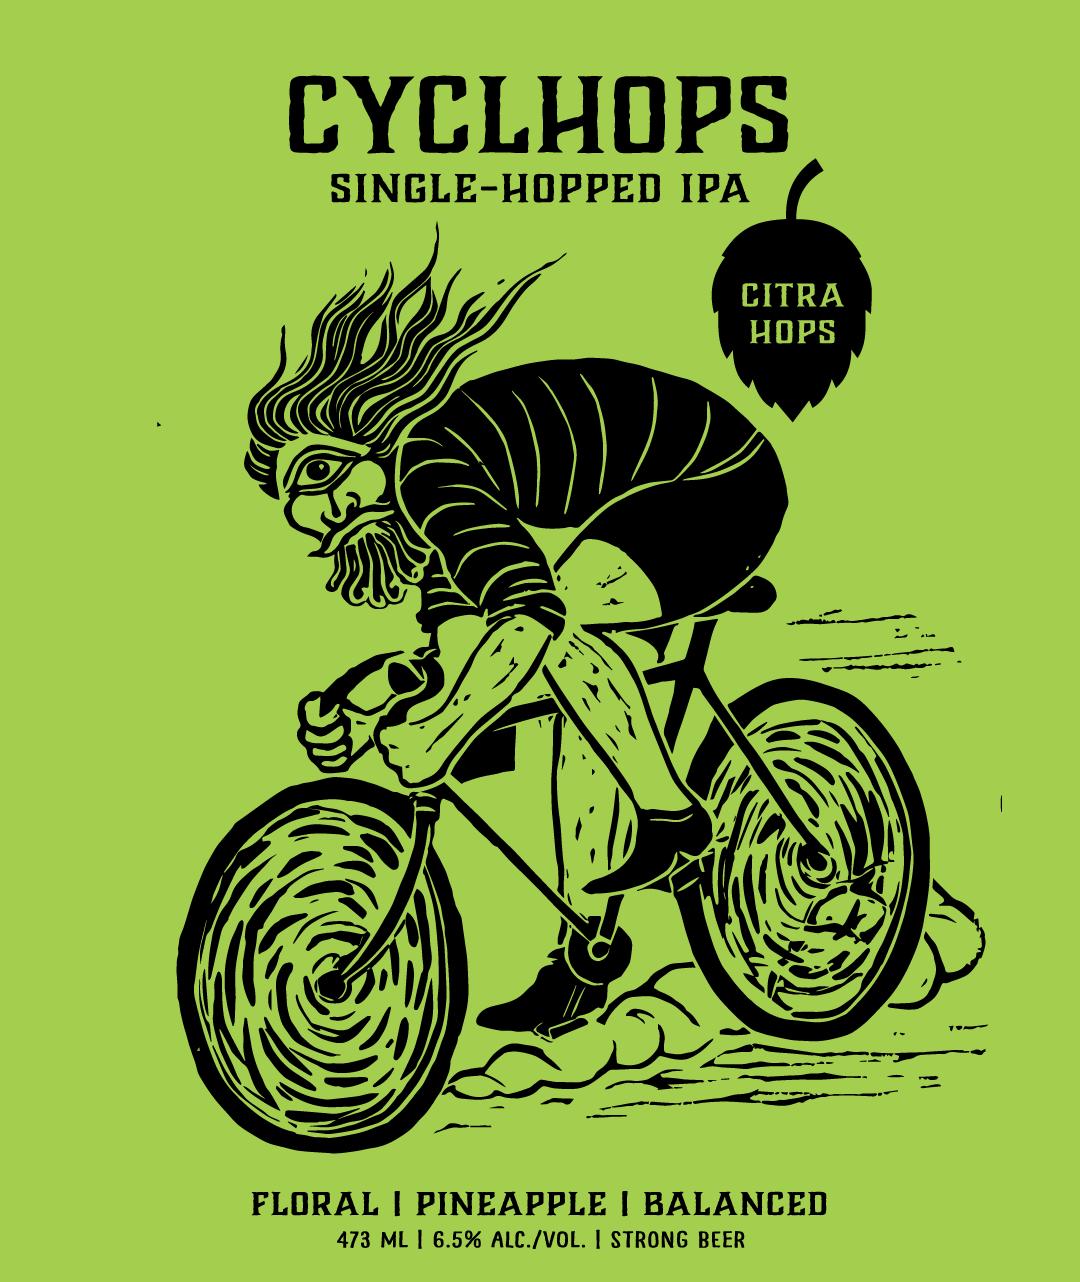 CYCLHOPS (CITRA)